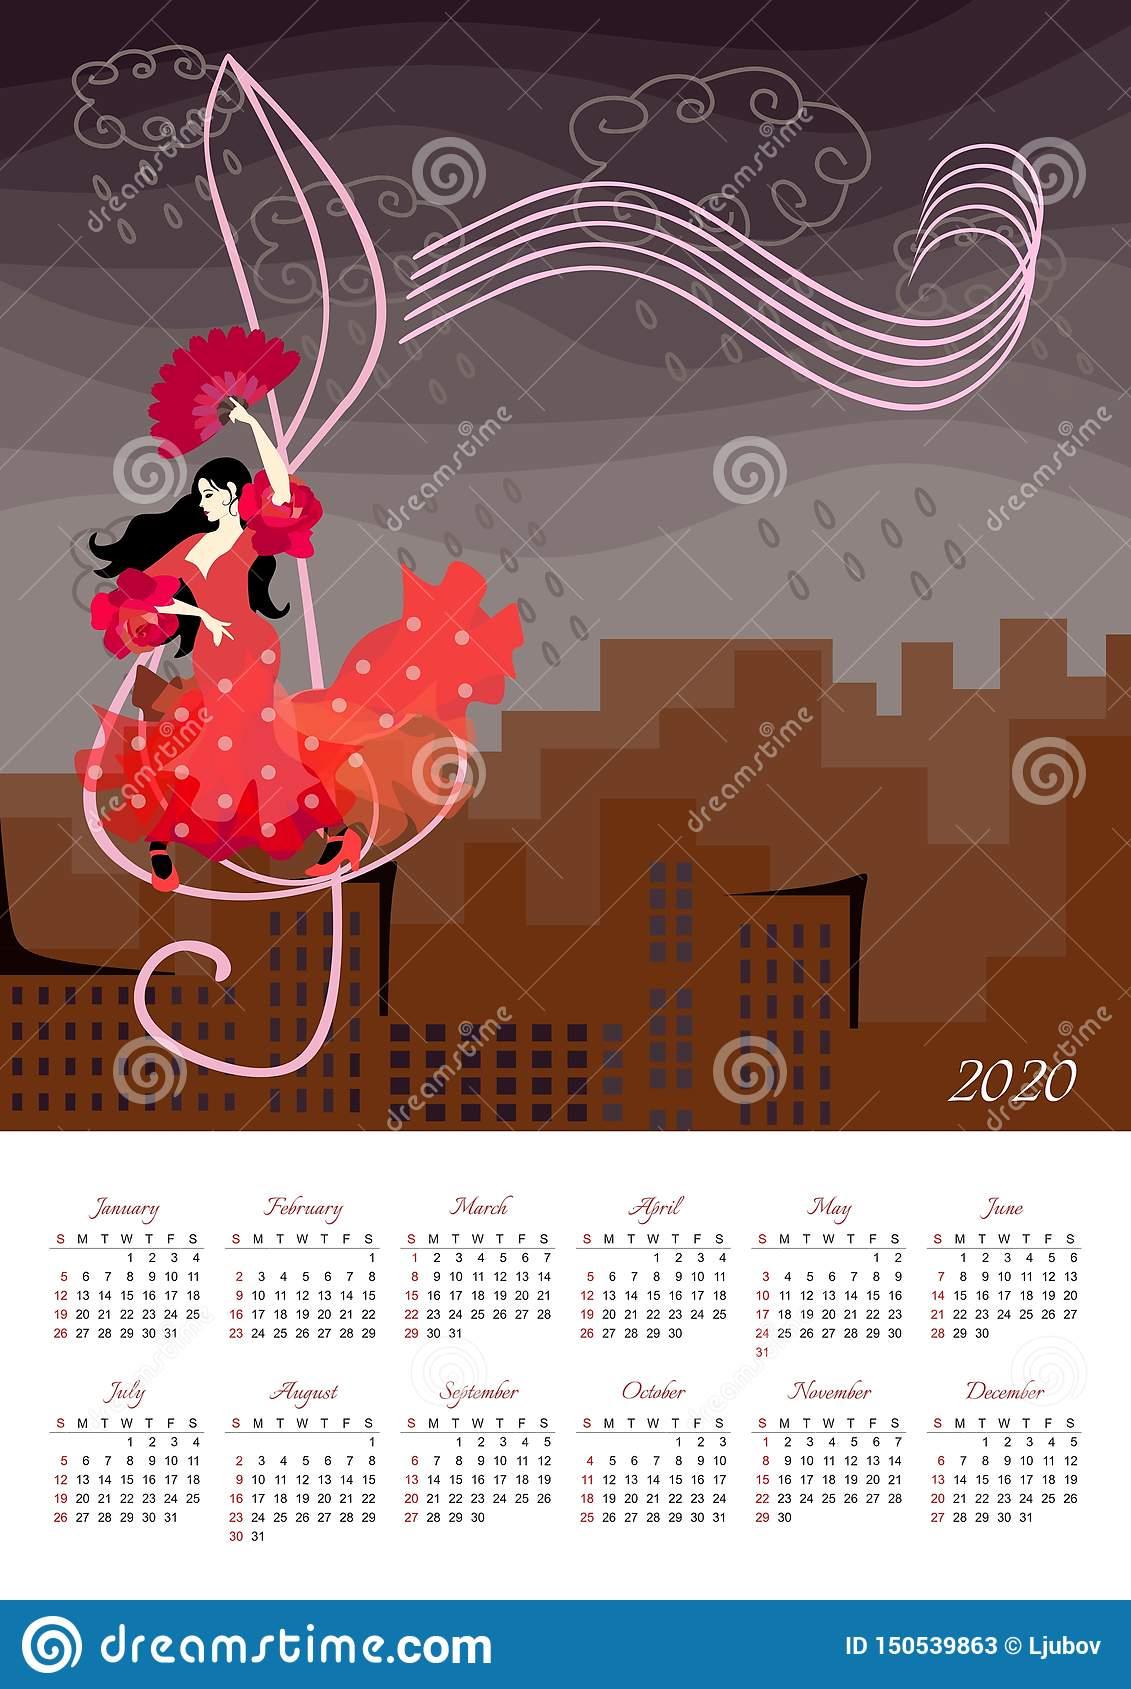 Красивый Календарь На 2020 Год С Иллюстрацией С Девушкой В